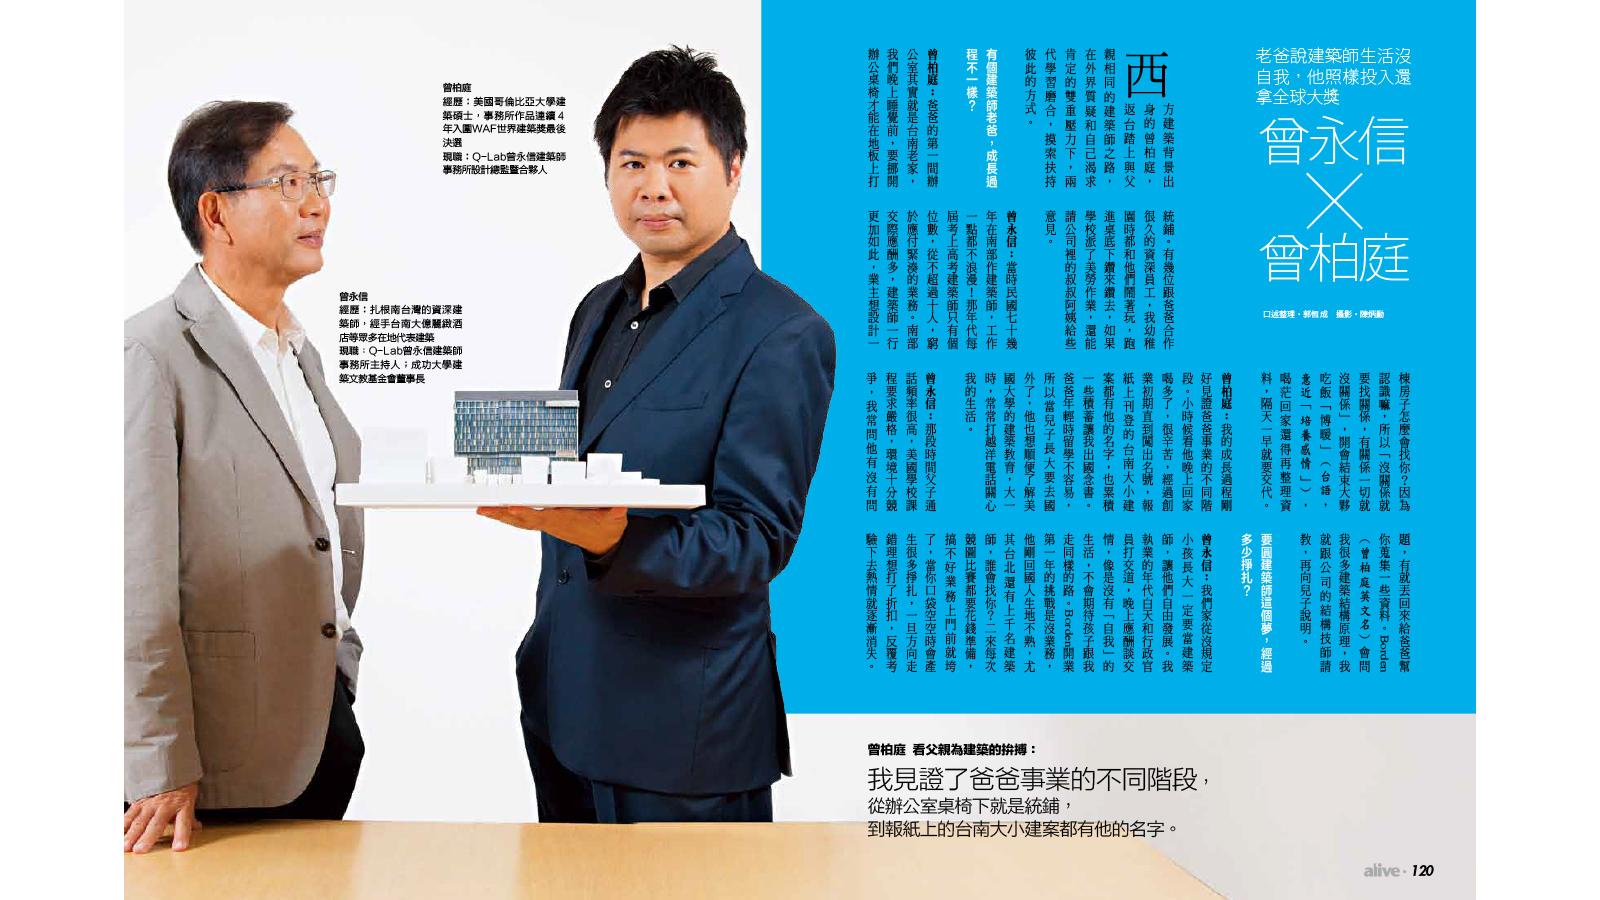 商業週刊-02.jpg